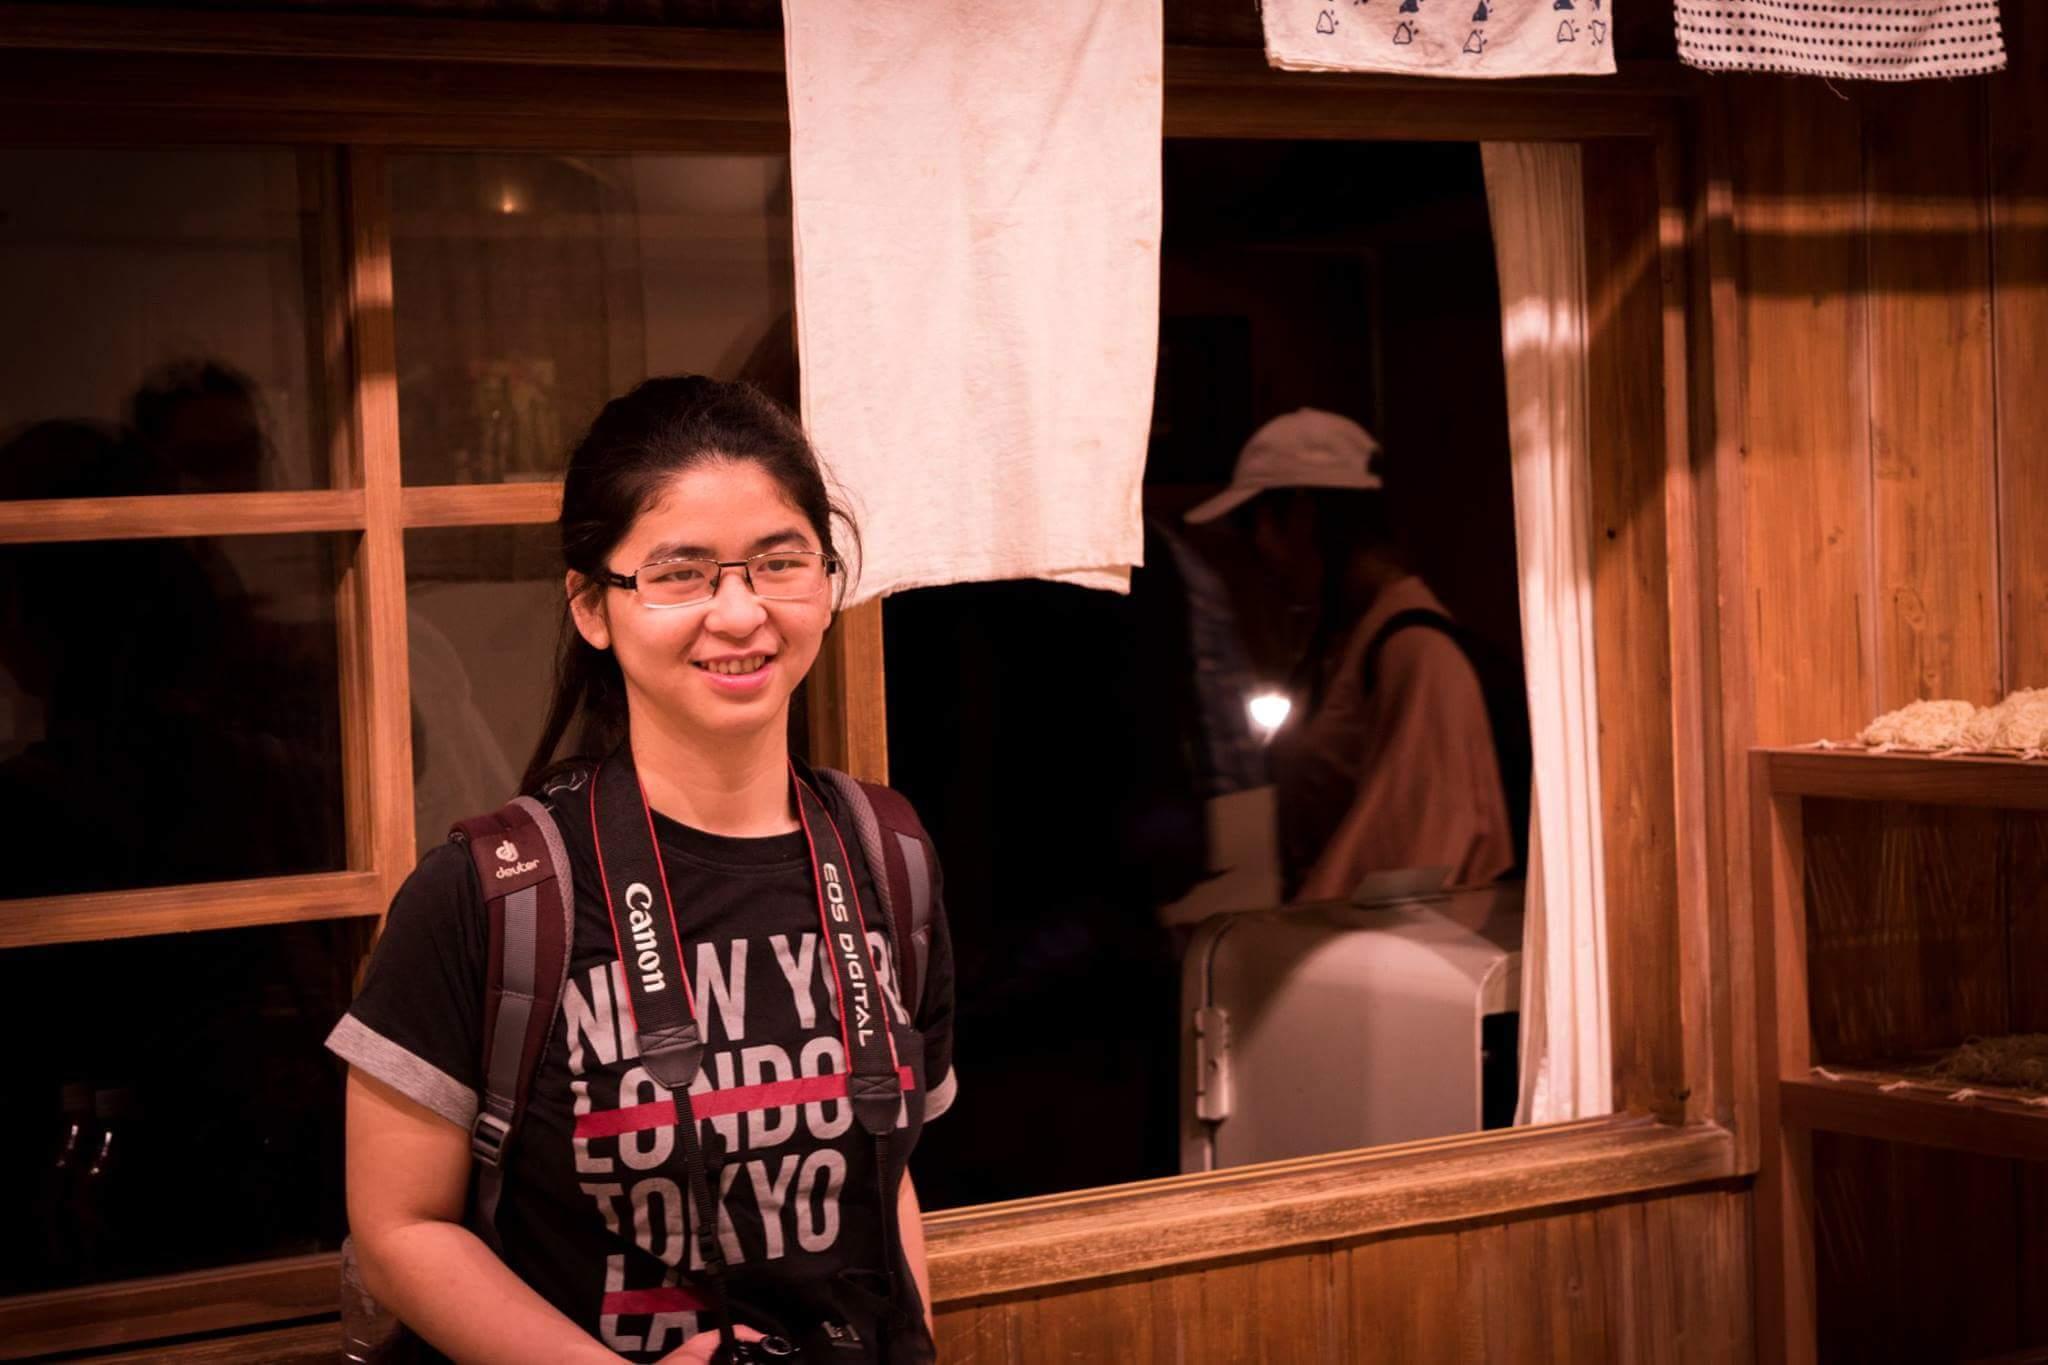 インドネシア人に聞く日本で働く・暮らすって?「日本人はもっとリラックスして、感情を表に出した方がいい」